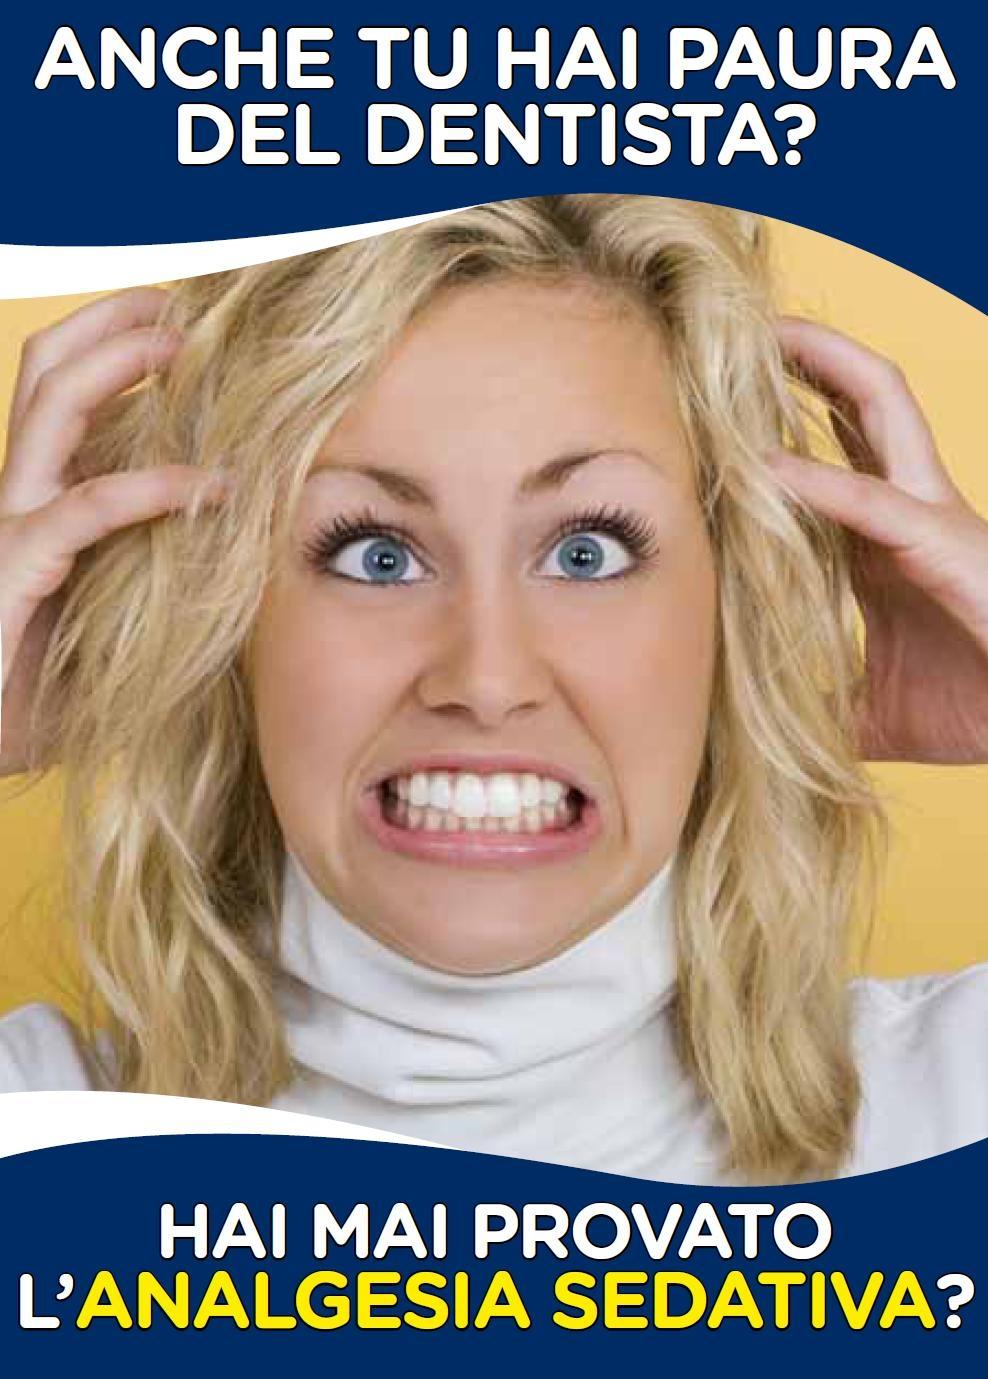 Analgesia sedativa: Perchè avere paura del dentista?